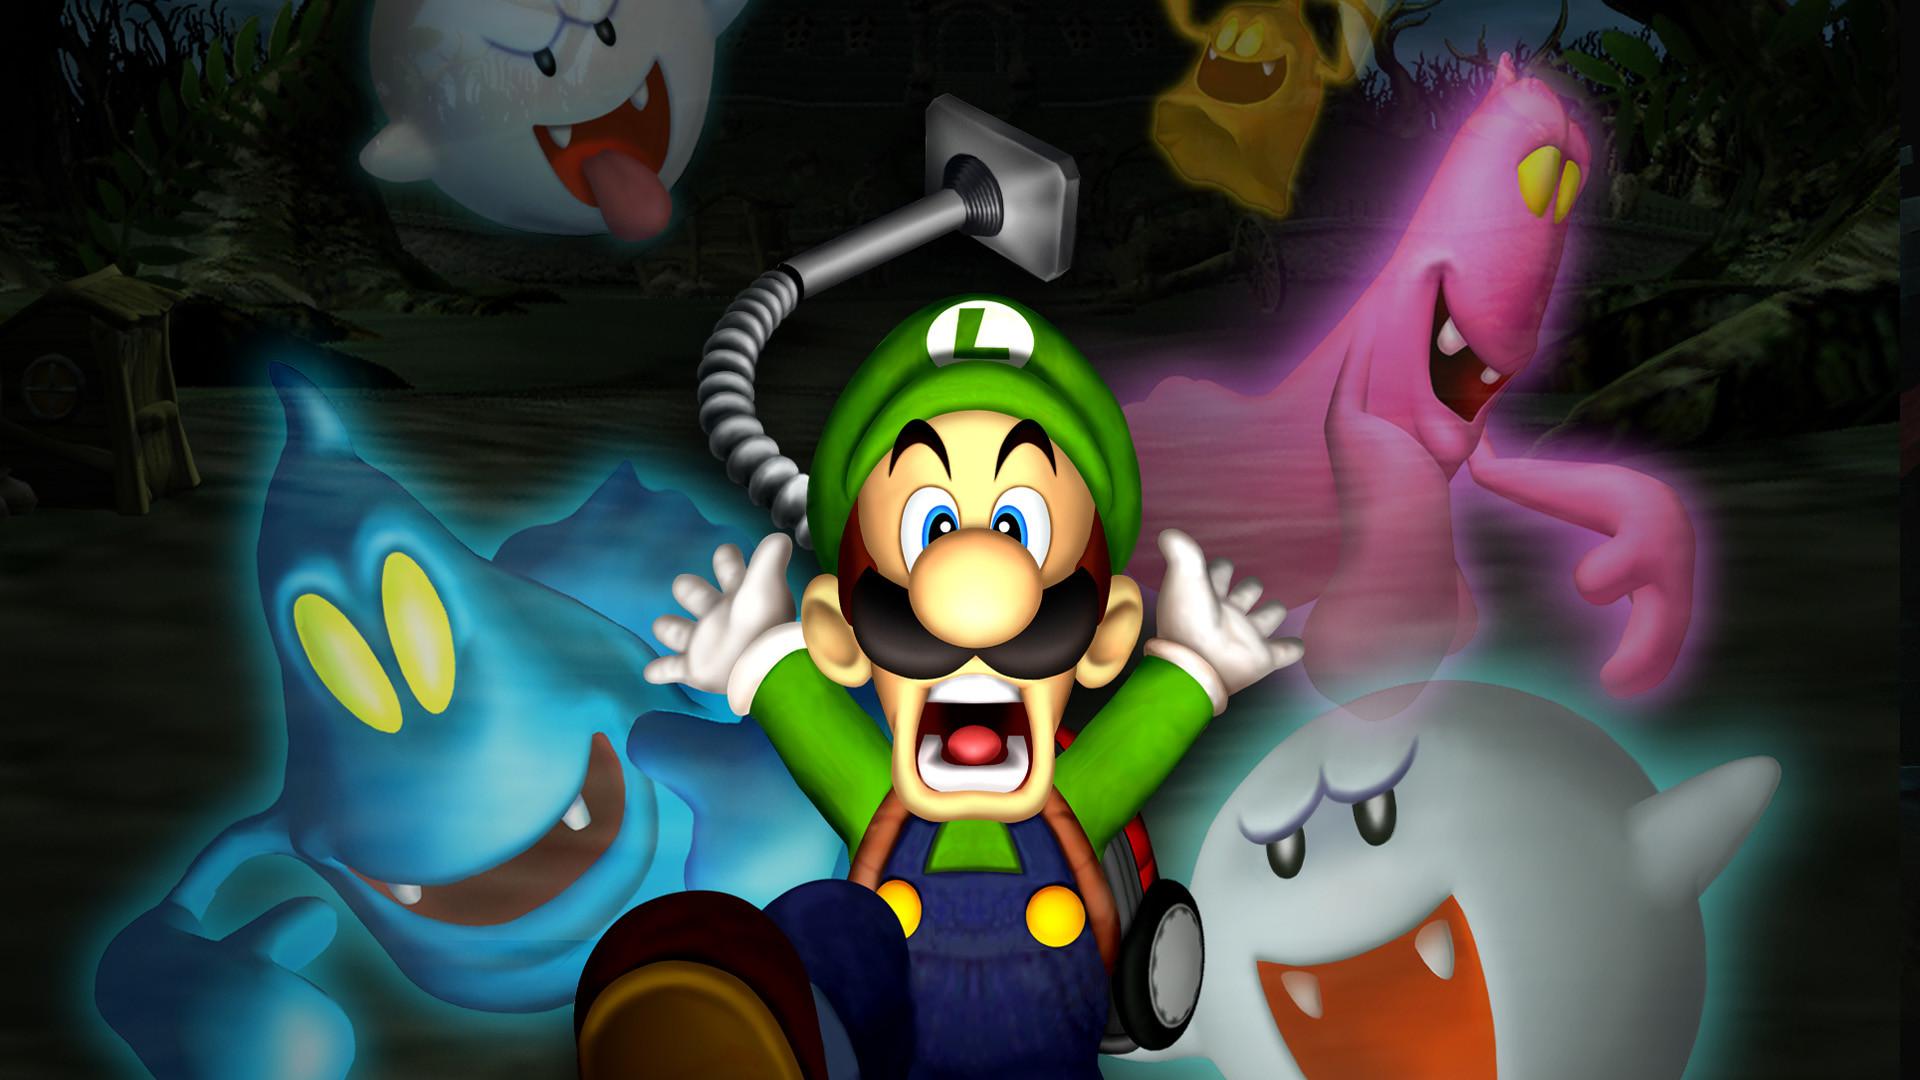 Video Game – Luigi's Mansion Wallpaper